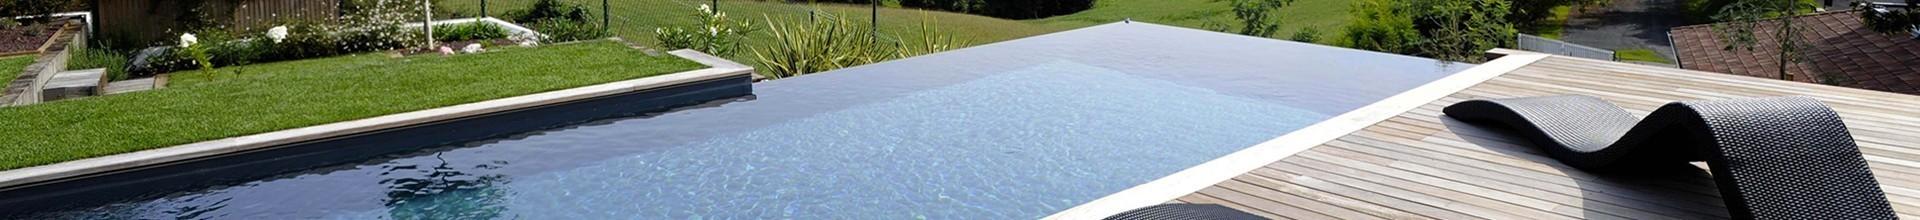 Direct usine, piscine coque prix Eure-et-Loir